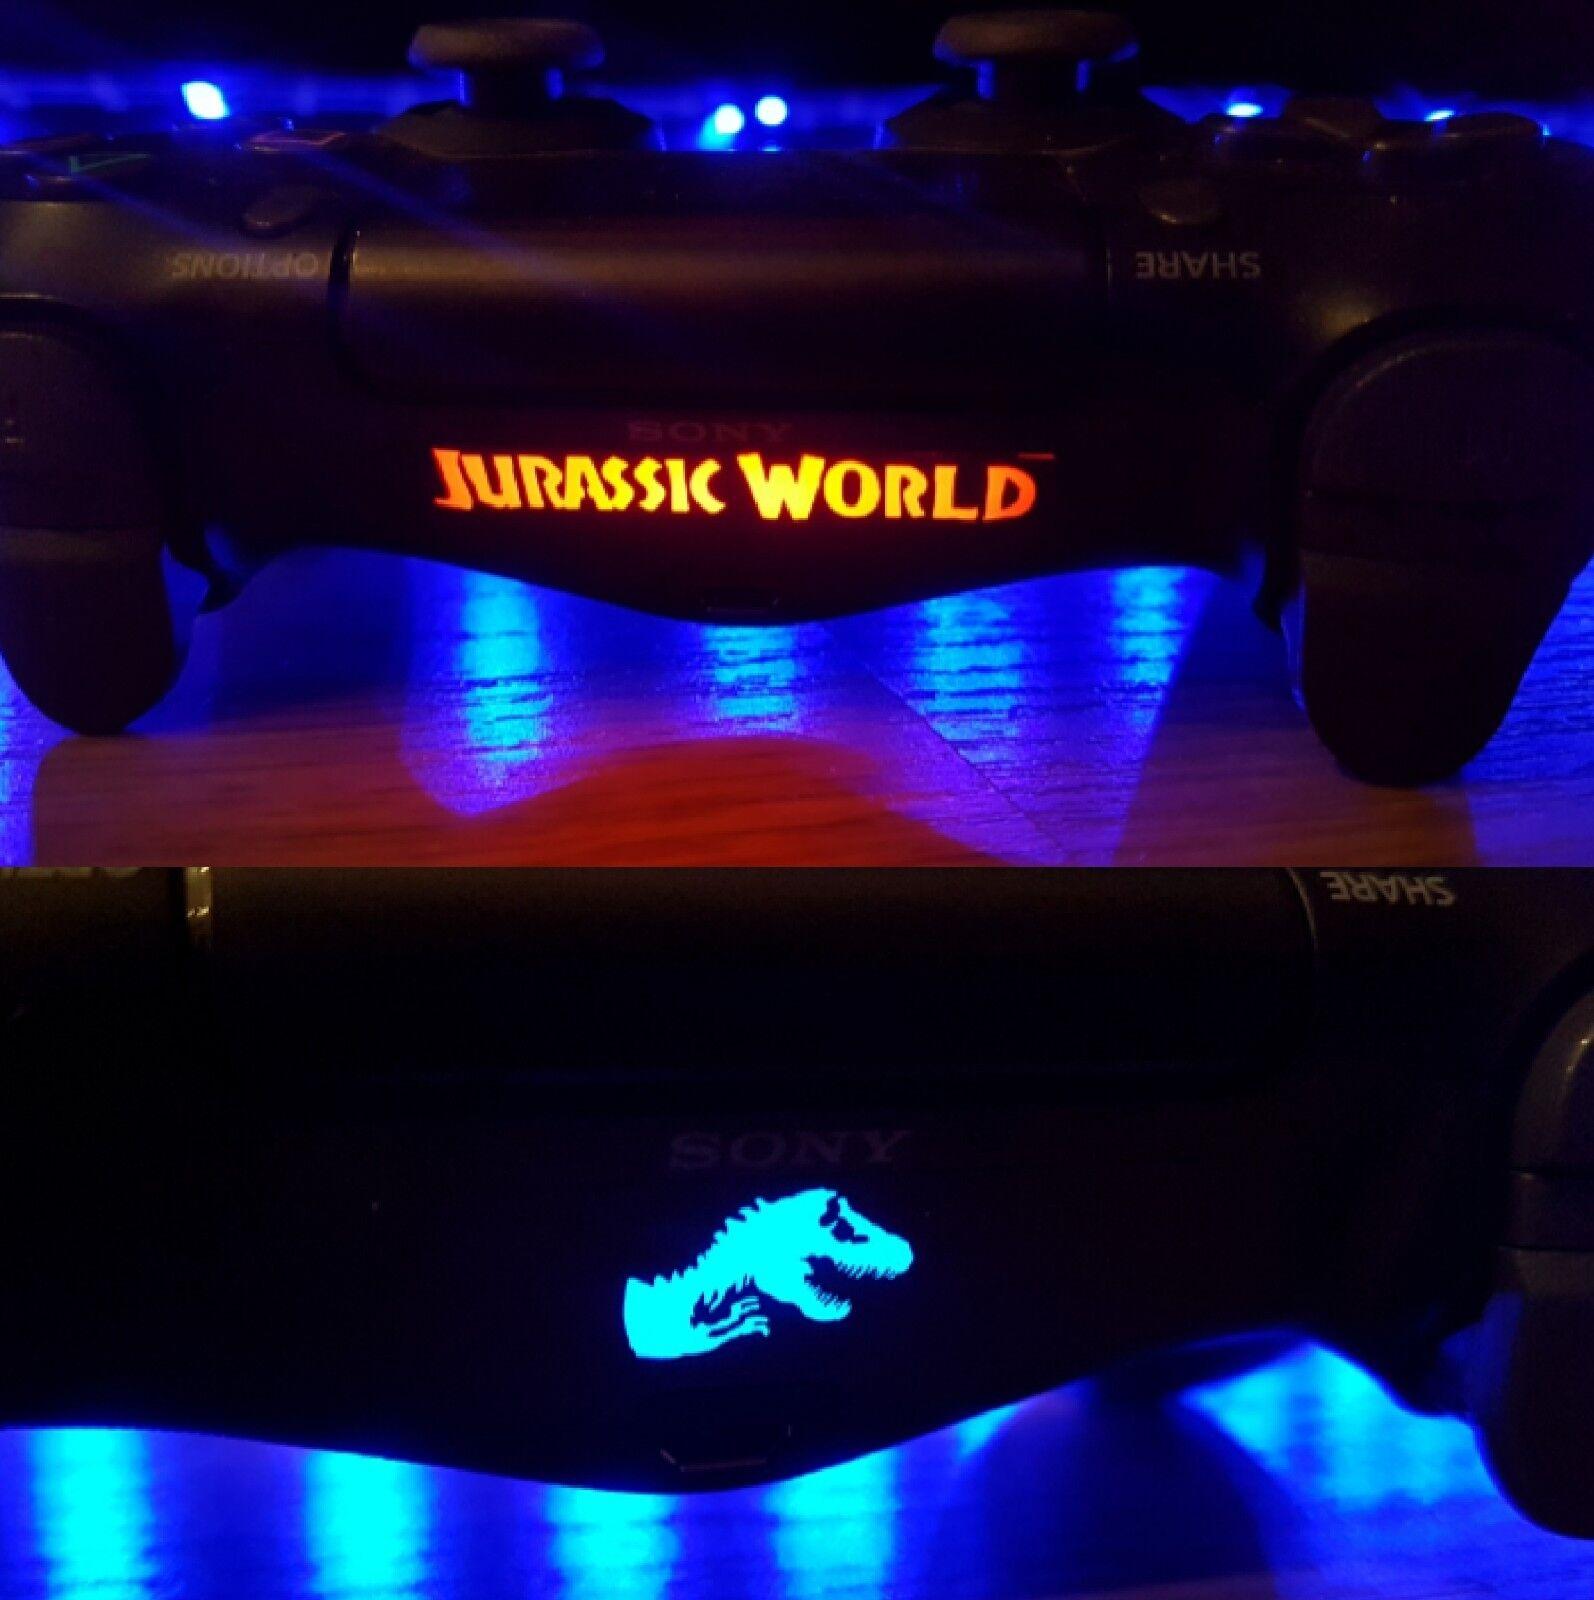 Jurassic World PS4 Controller Light bar 7x Vinyl Decal Sticker Playstation 4